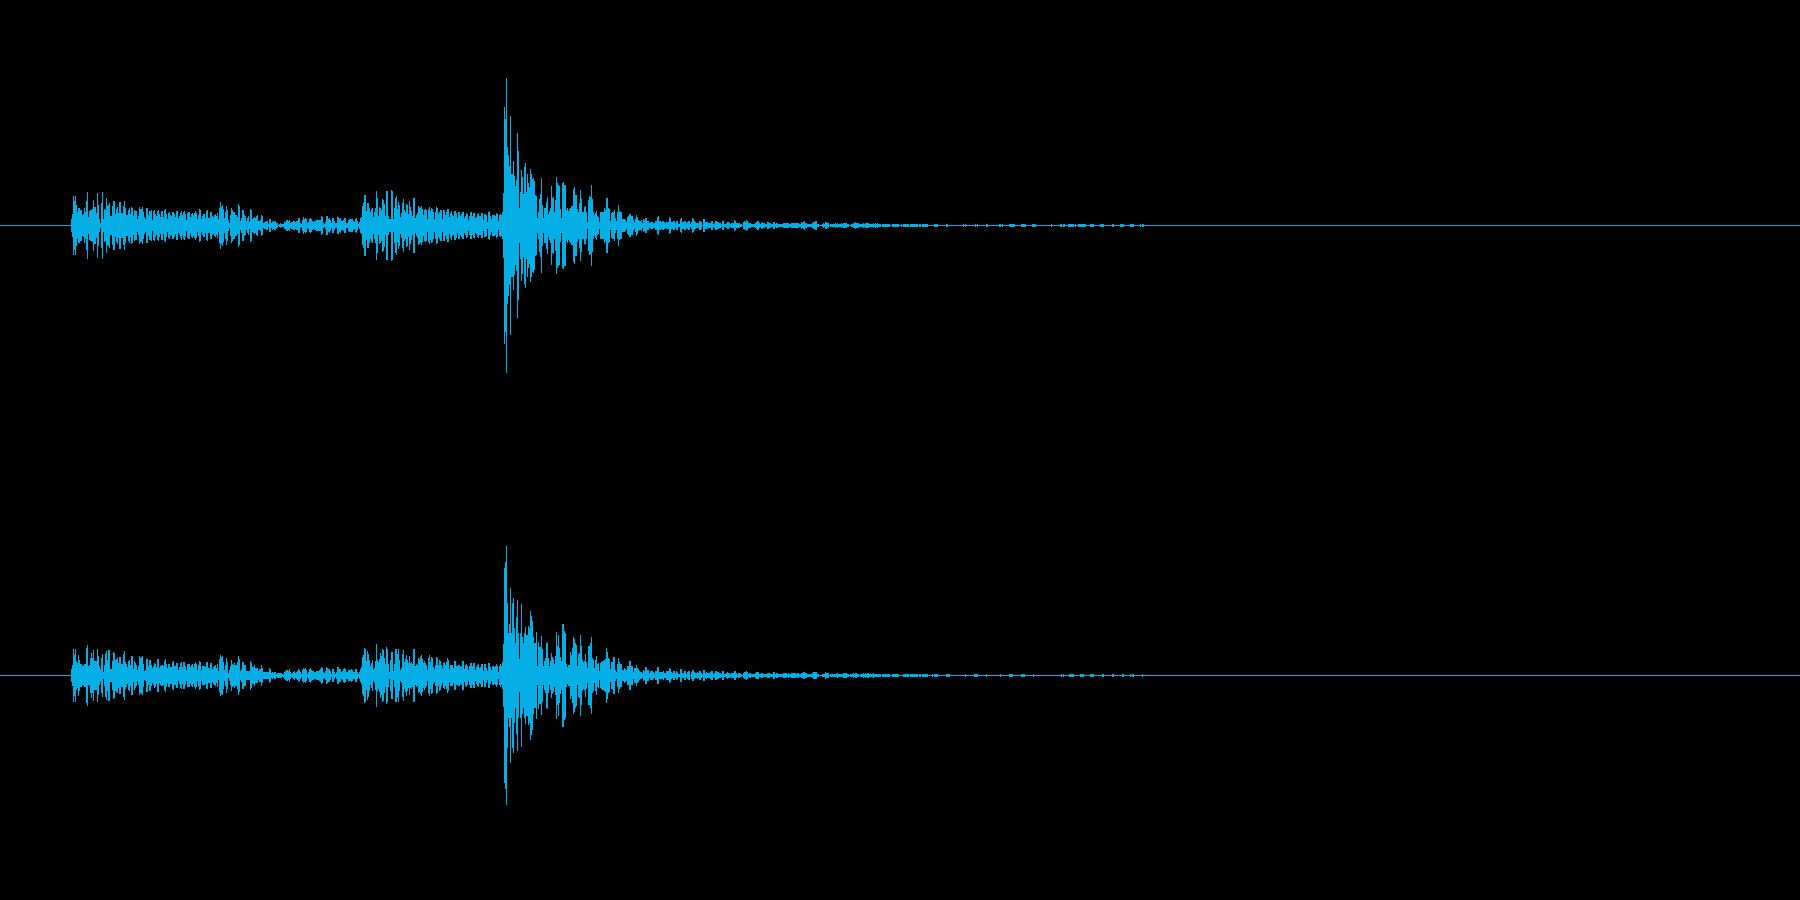 「ドン…」和太鼓の大太鼓のフレーズ音の再生済みの波形